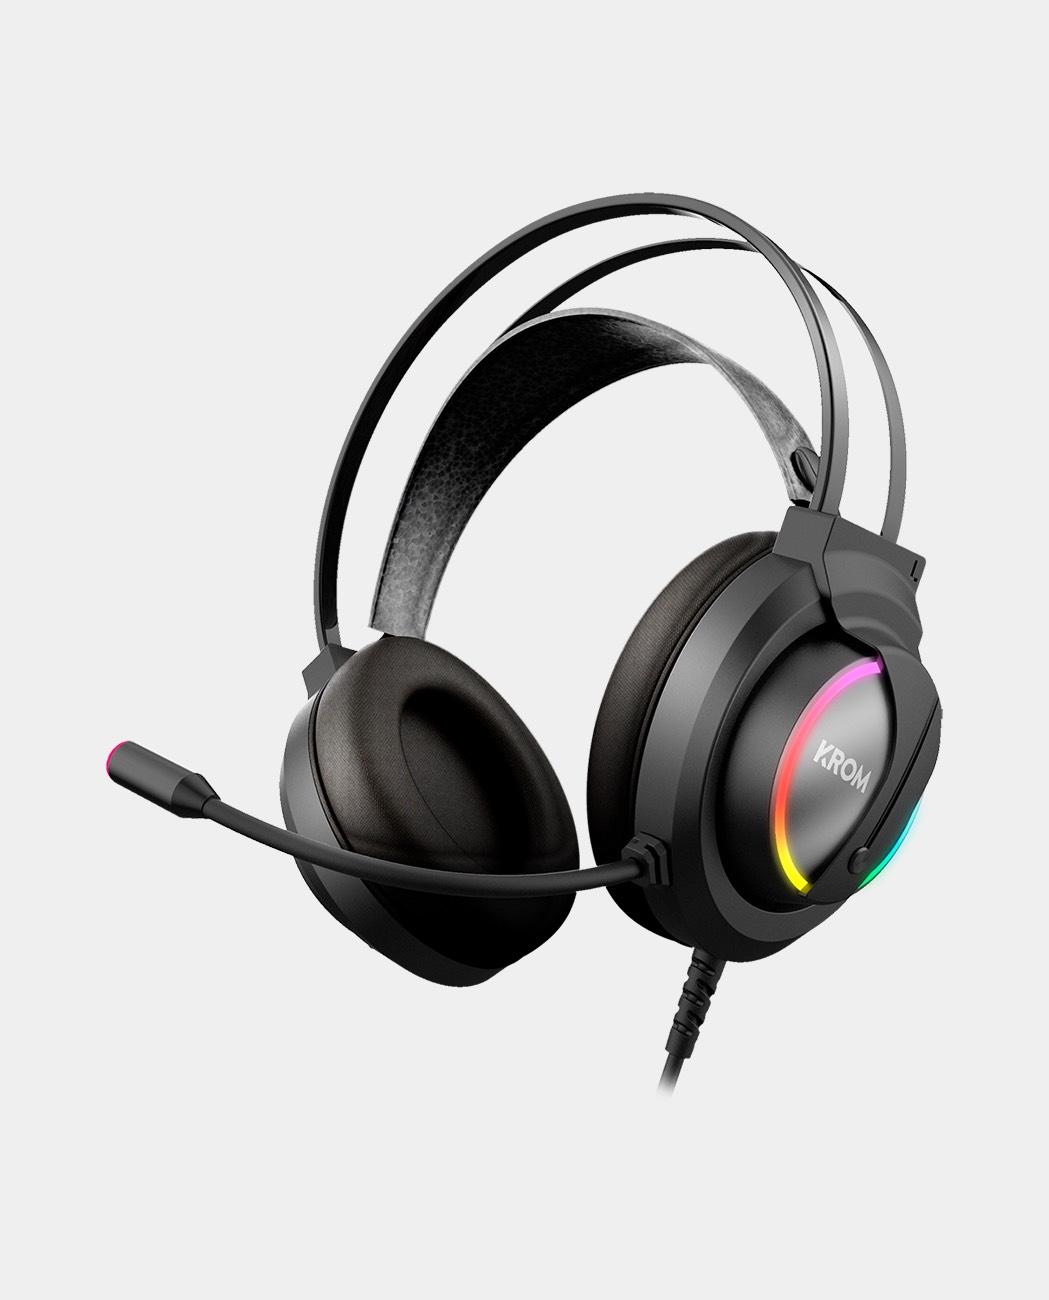 Krom Kappa - Headset ligero RGB drivers 50mm